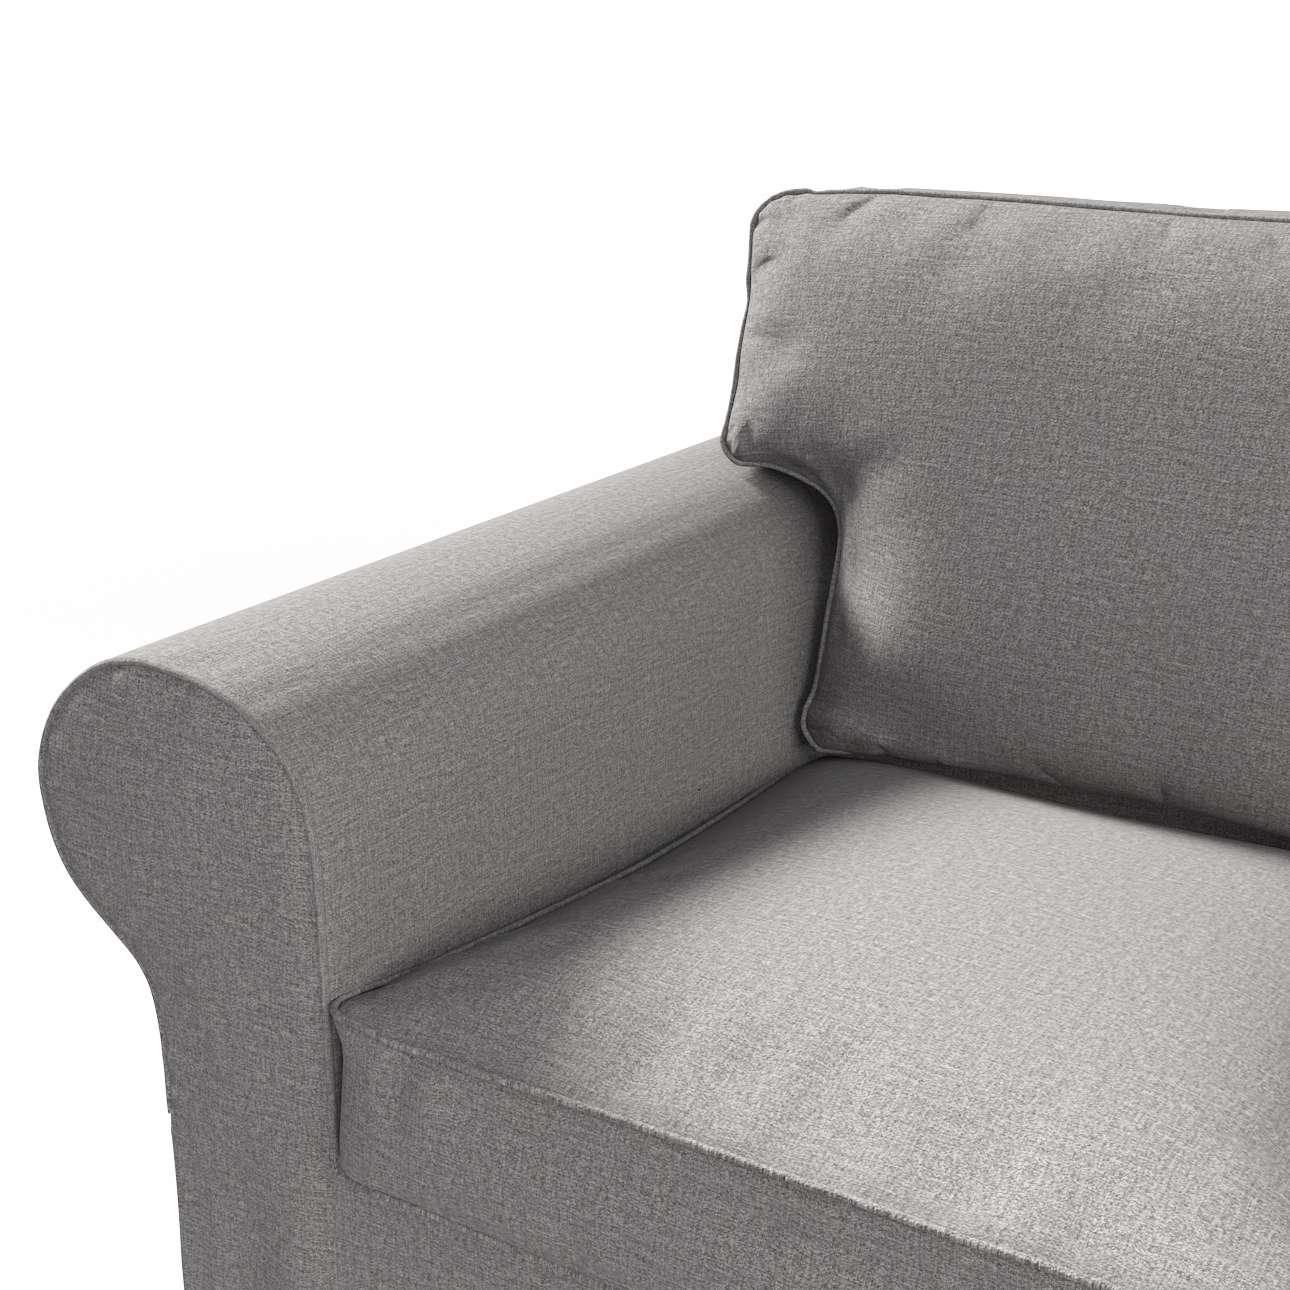 Ektorp 2-Sitzer Schlafsofabezug  NEUES Modell  Sofabezug für  Ektorp 2-Sitzer ausklappbar, neues Modell von der Kollektion Edinburgh , Stoff: 115-81